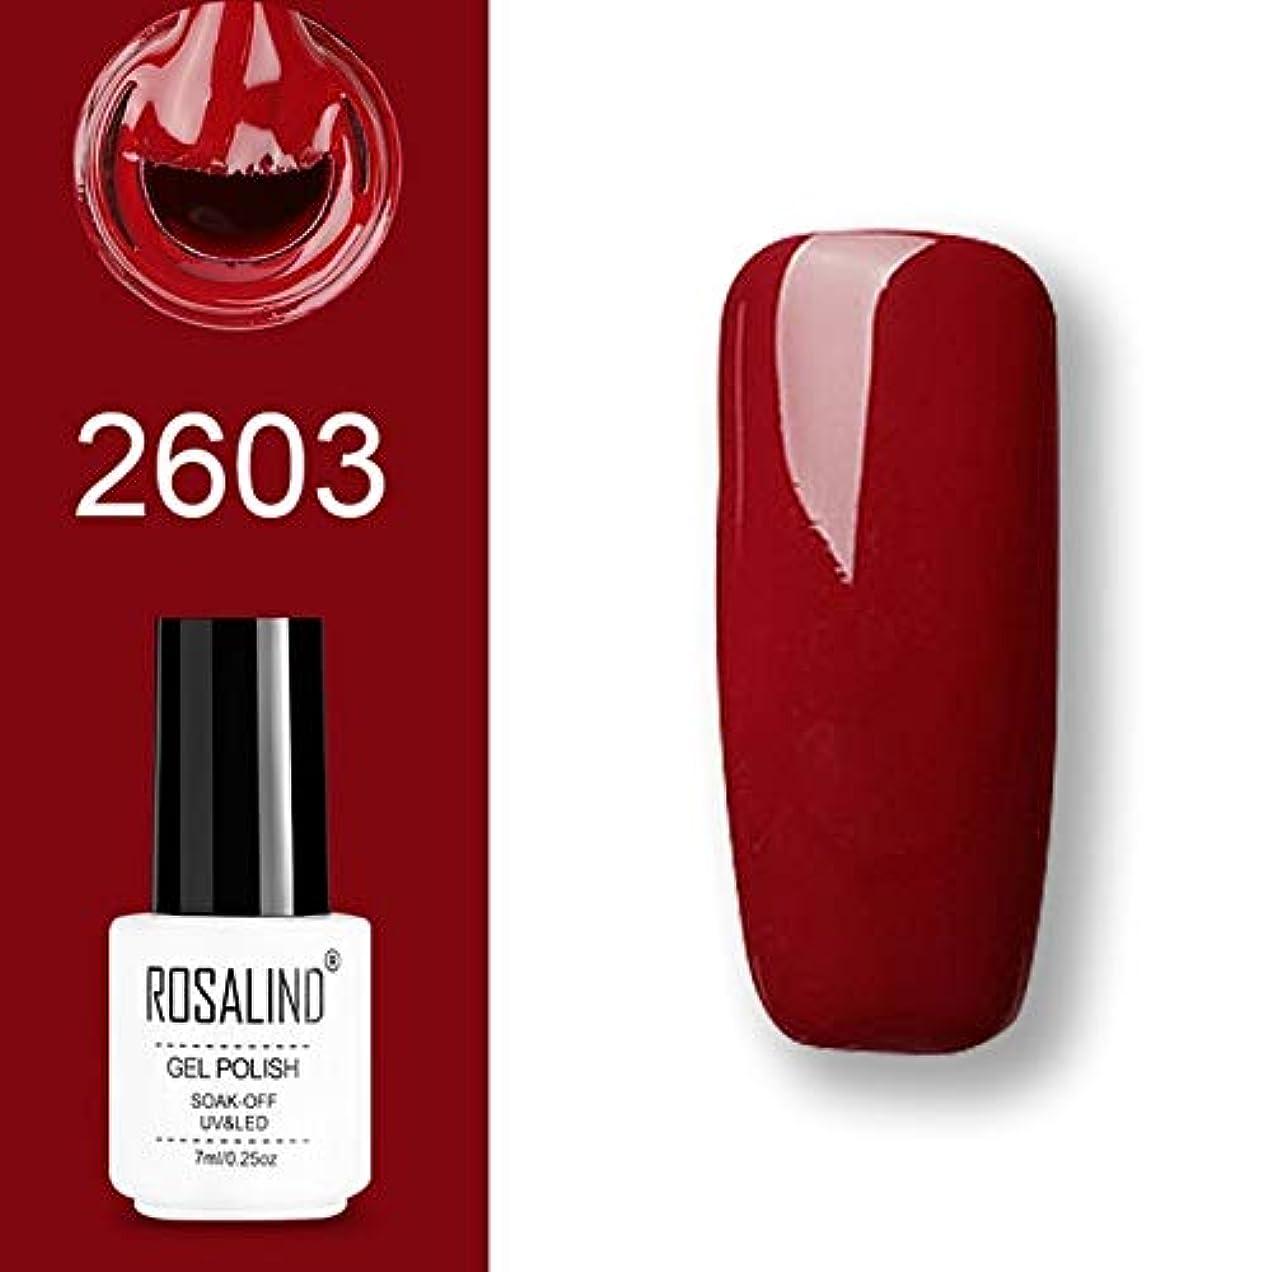 の中で憂鬱例示するファッションアイテム ROSALINDジェルポリッシュセットUV半永久プライマートップコートポリジェルニスネイルアートマニキュアジェル、容量:7ml 2603環境接着剤 環境に優しいマニキュア